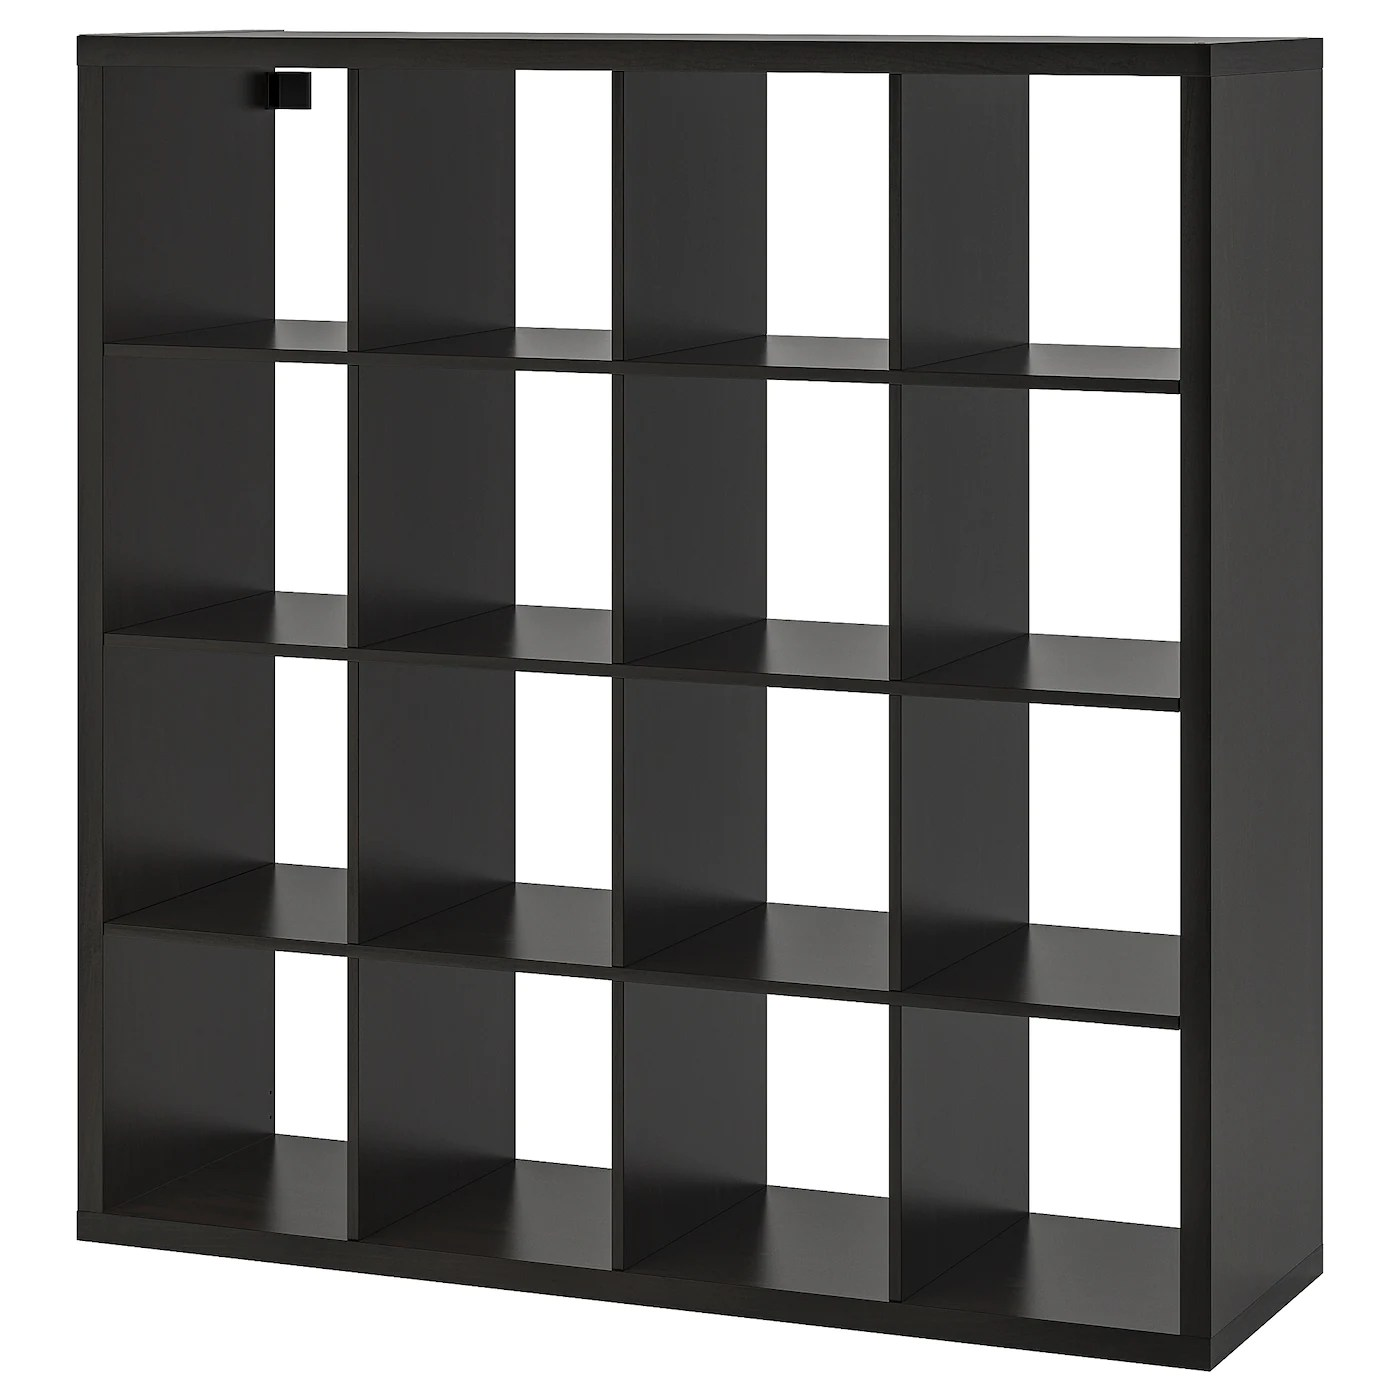 Kallax Shelf Unit Black Brown 57 7 8x57 7 8 Ikea